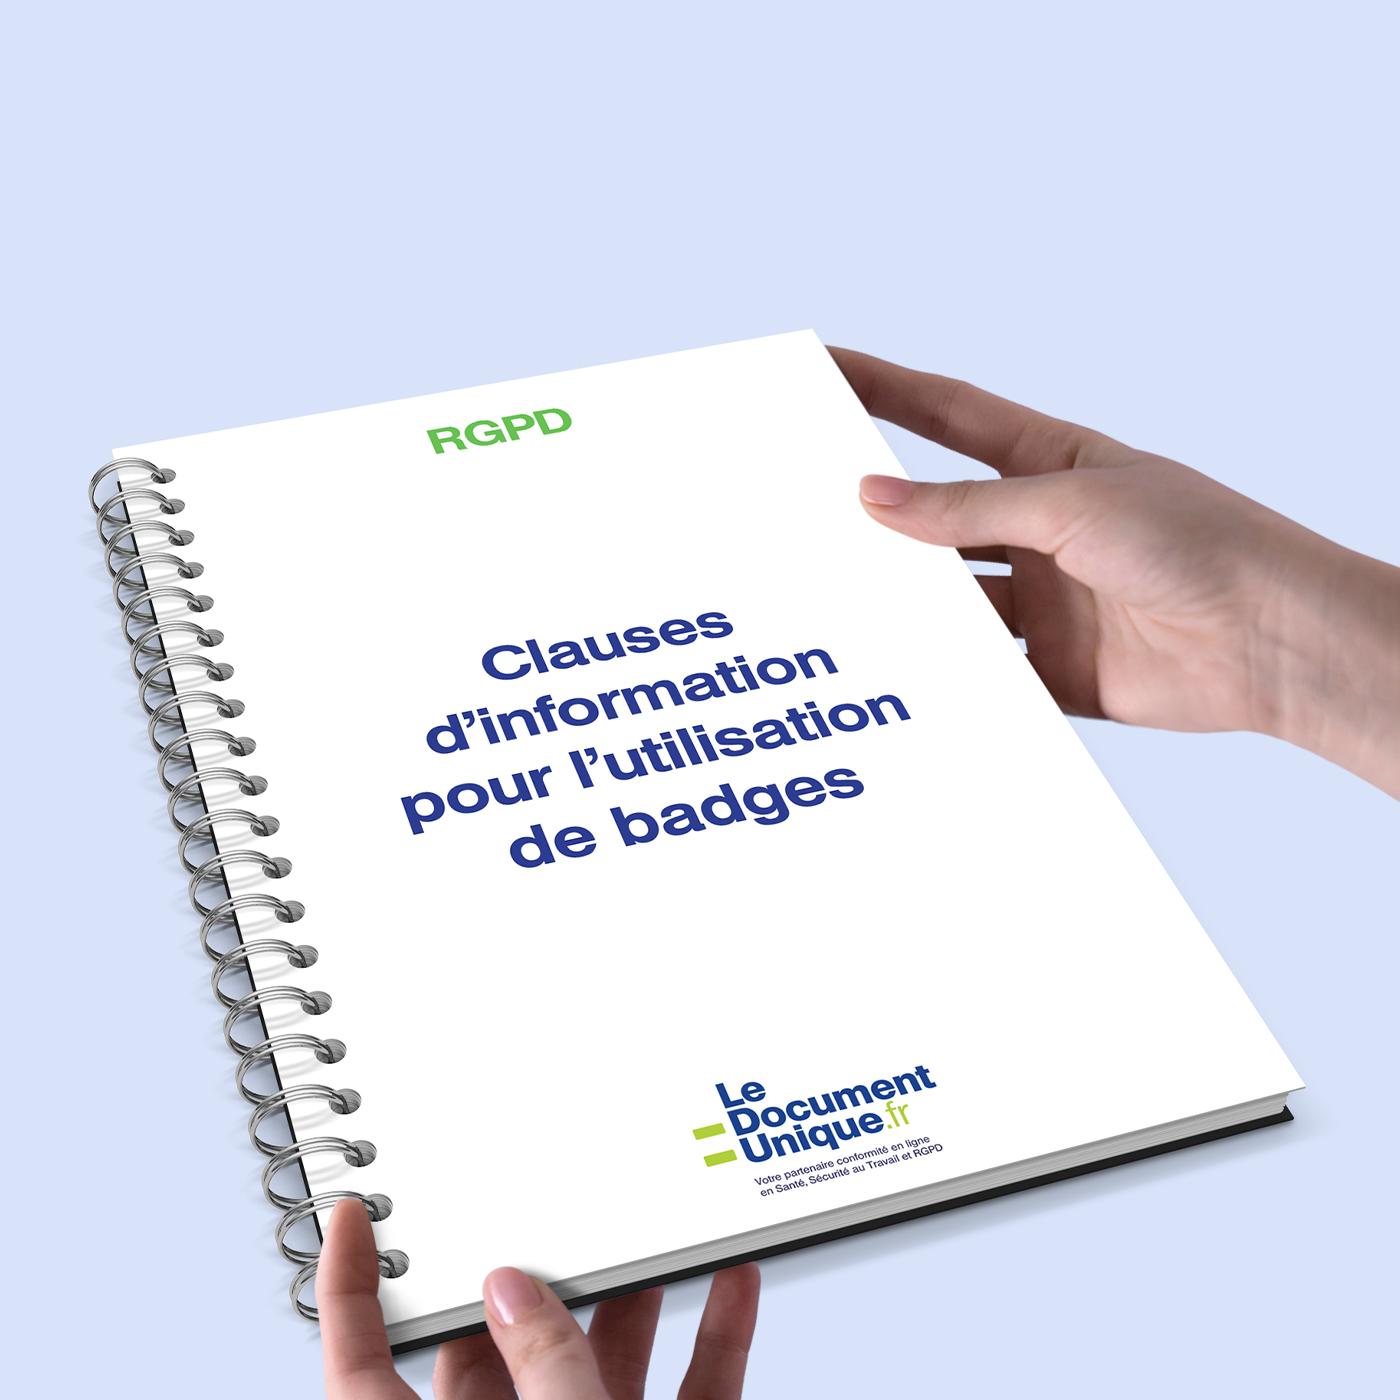 clauses d'information pour l'utilisation de badges conformes rgpd